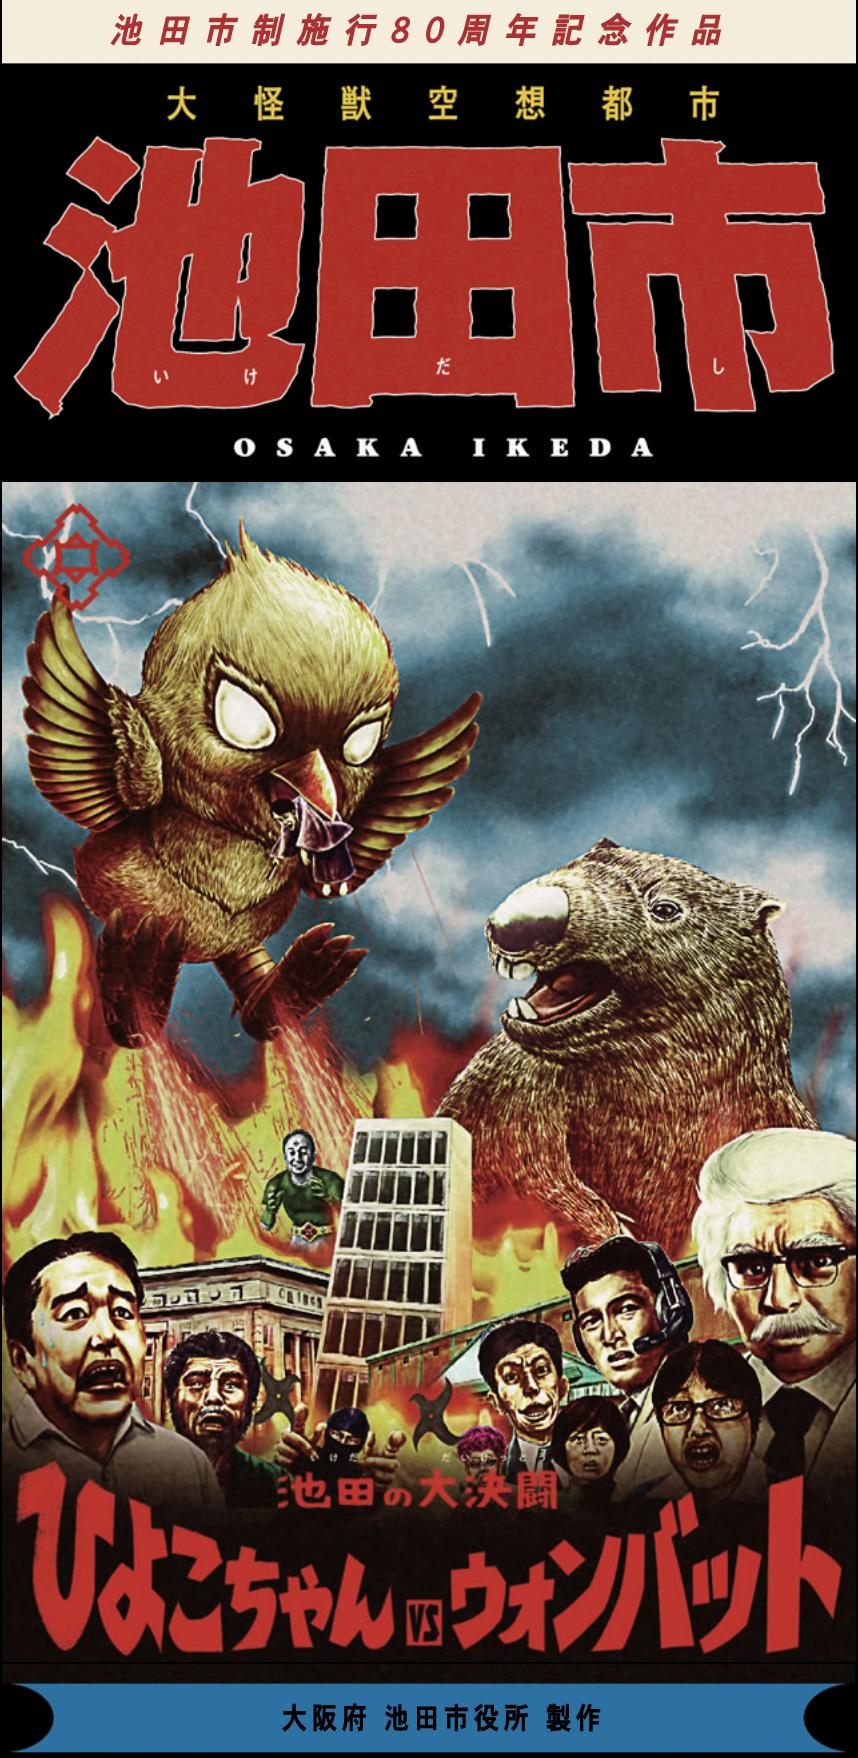 池田に観光客は来るのか!? 池田市制施行80周年記念作品『大怪獣空想都市 池田市』